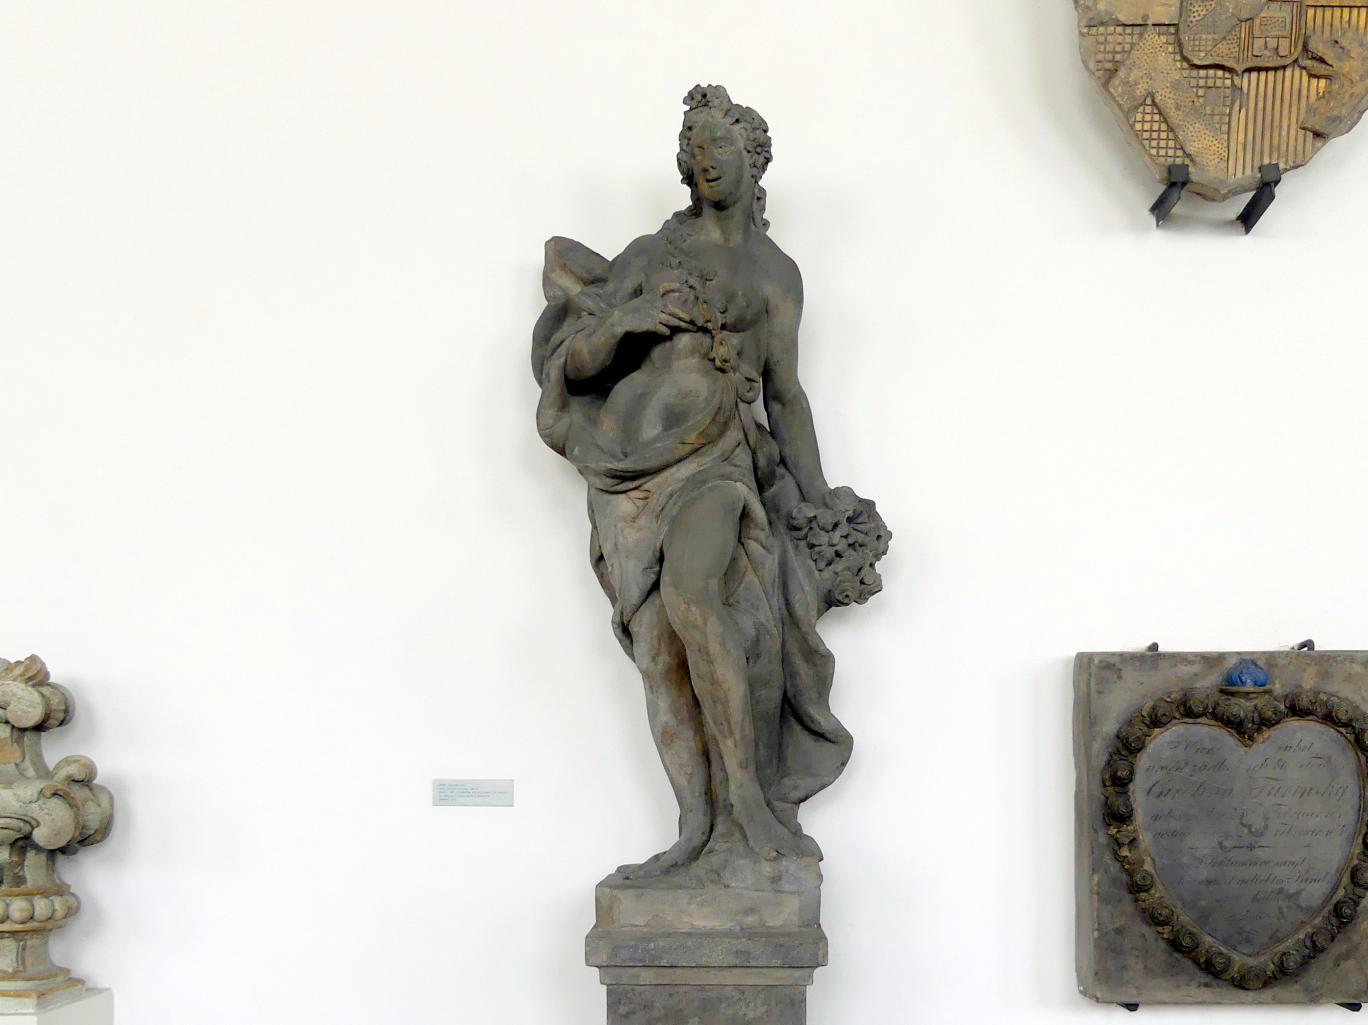 Matthias Bernhard Braun: Flora (römische Göttin der Blüte, hier als Allegorie des Frühlings), Um 1720